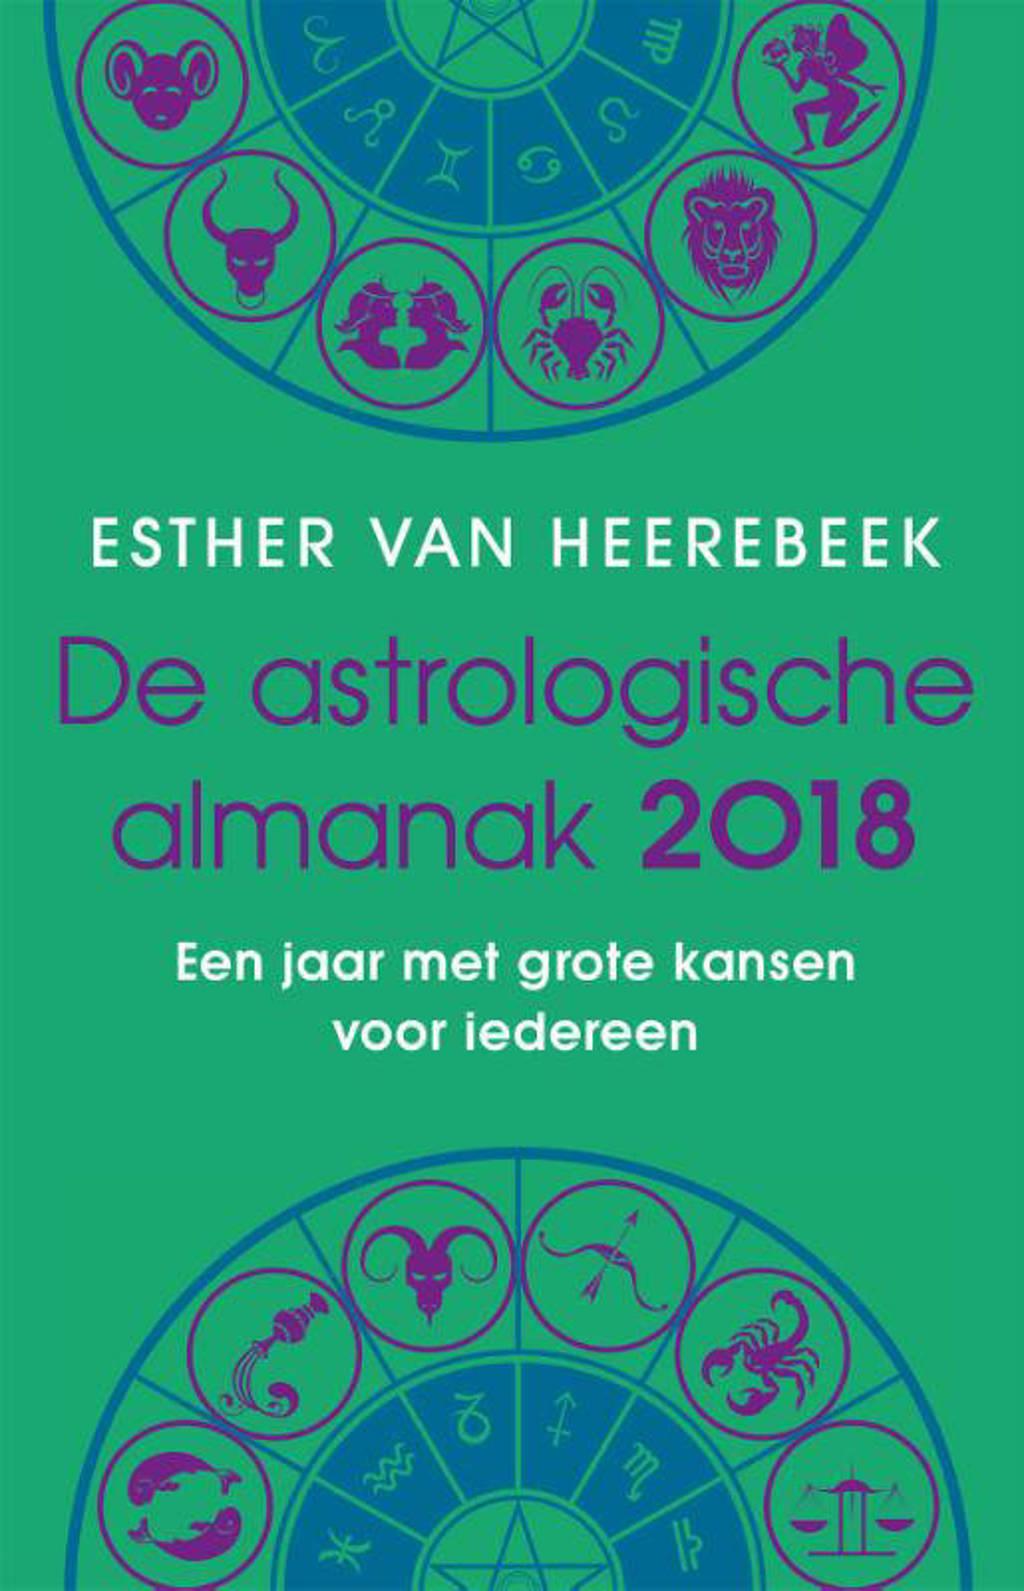 De astrologische almanak 2018 - Esther van Heerebeek